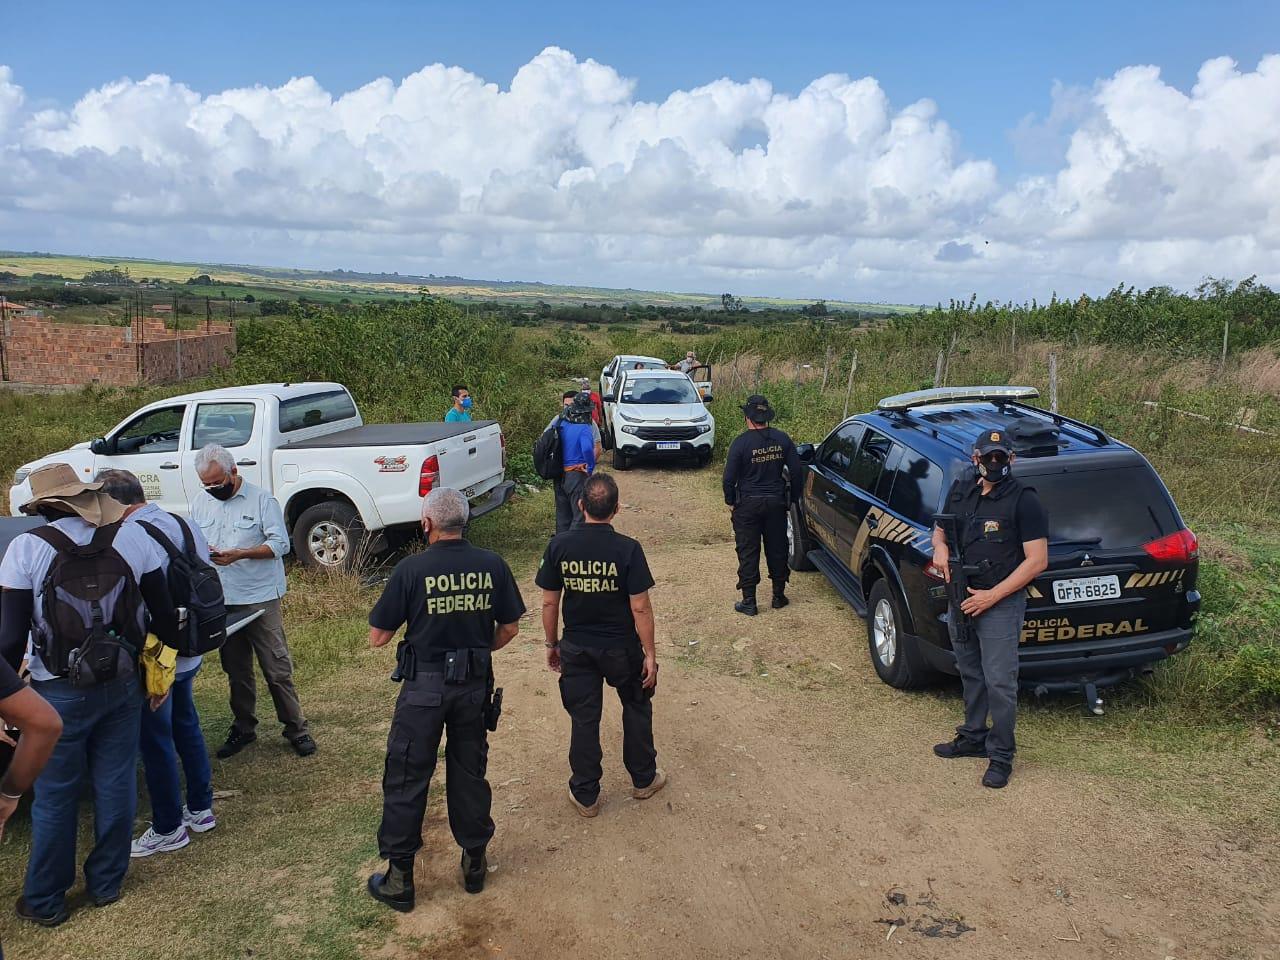 eba92f58 6e7b 4bef 9d85 9abb328bace5 - Incra/PB, Policia Federal e MPF realizam ação para coibir venda de lotes da reforma agrária - VEJA VÍDEO